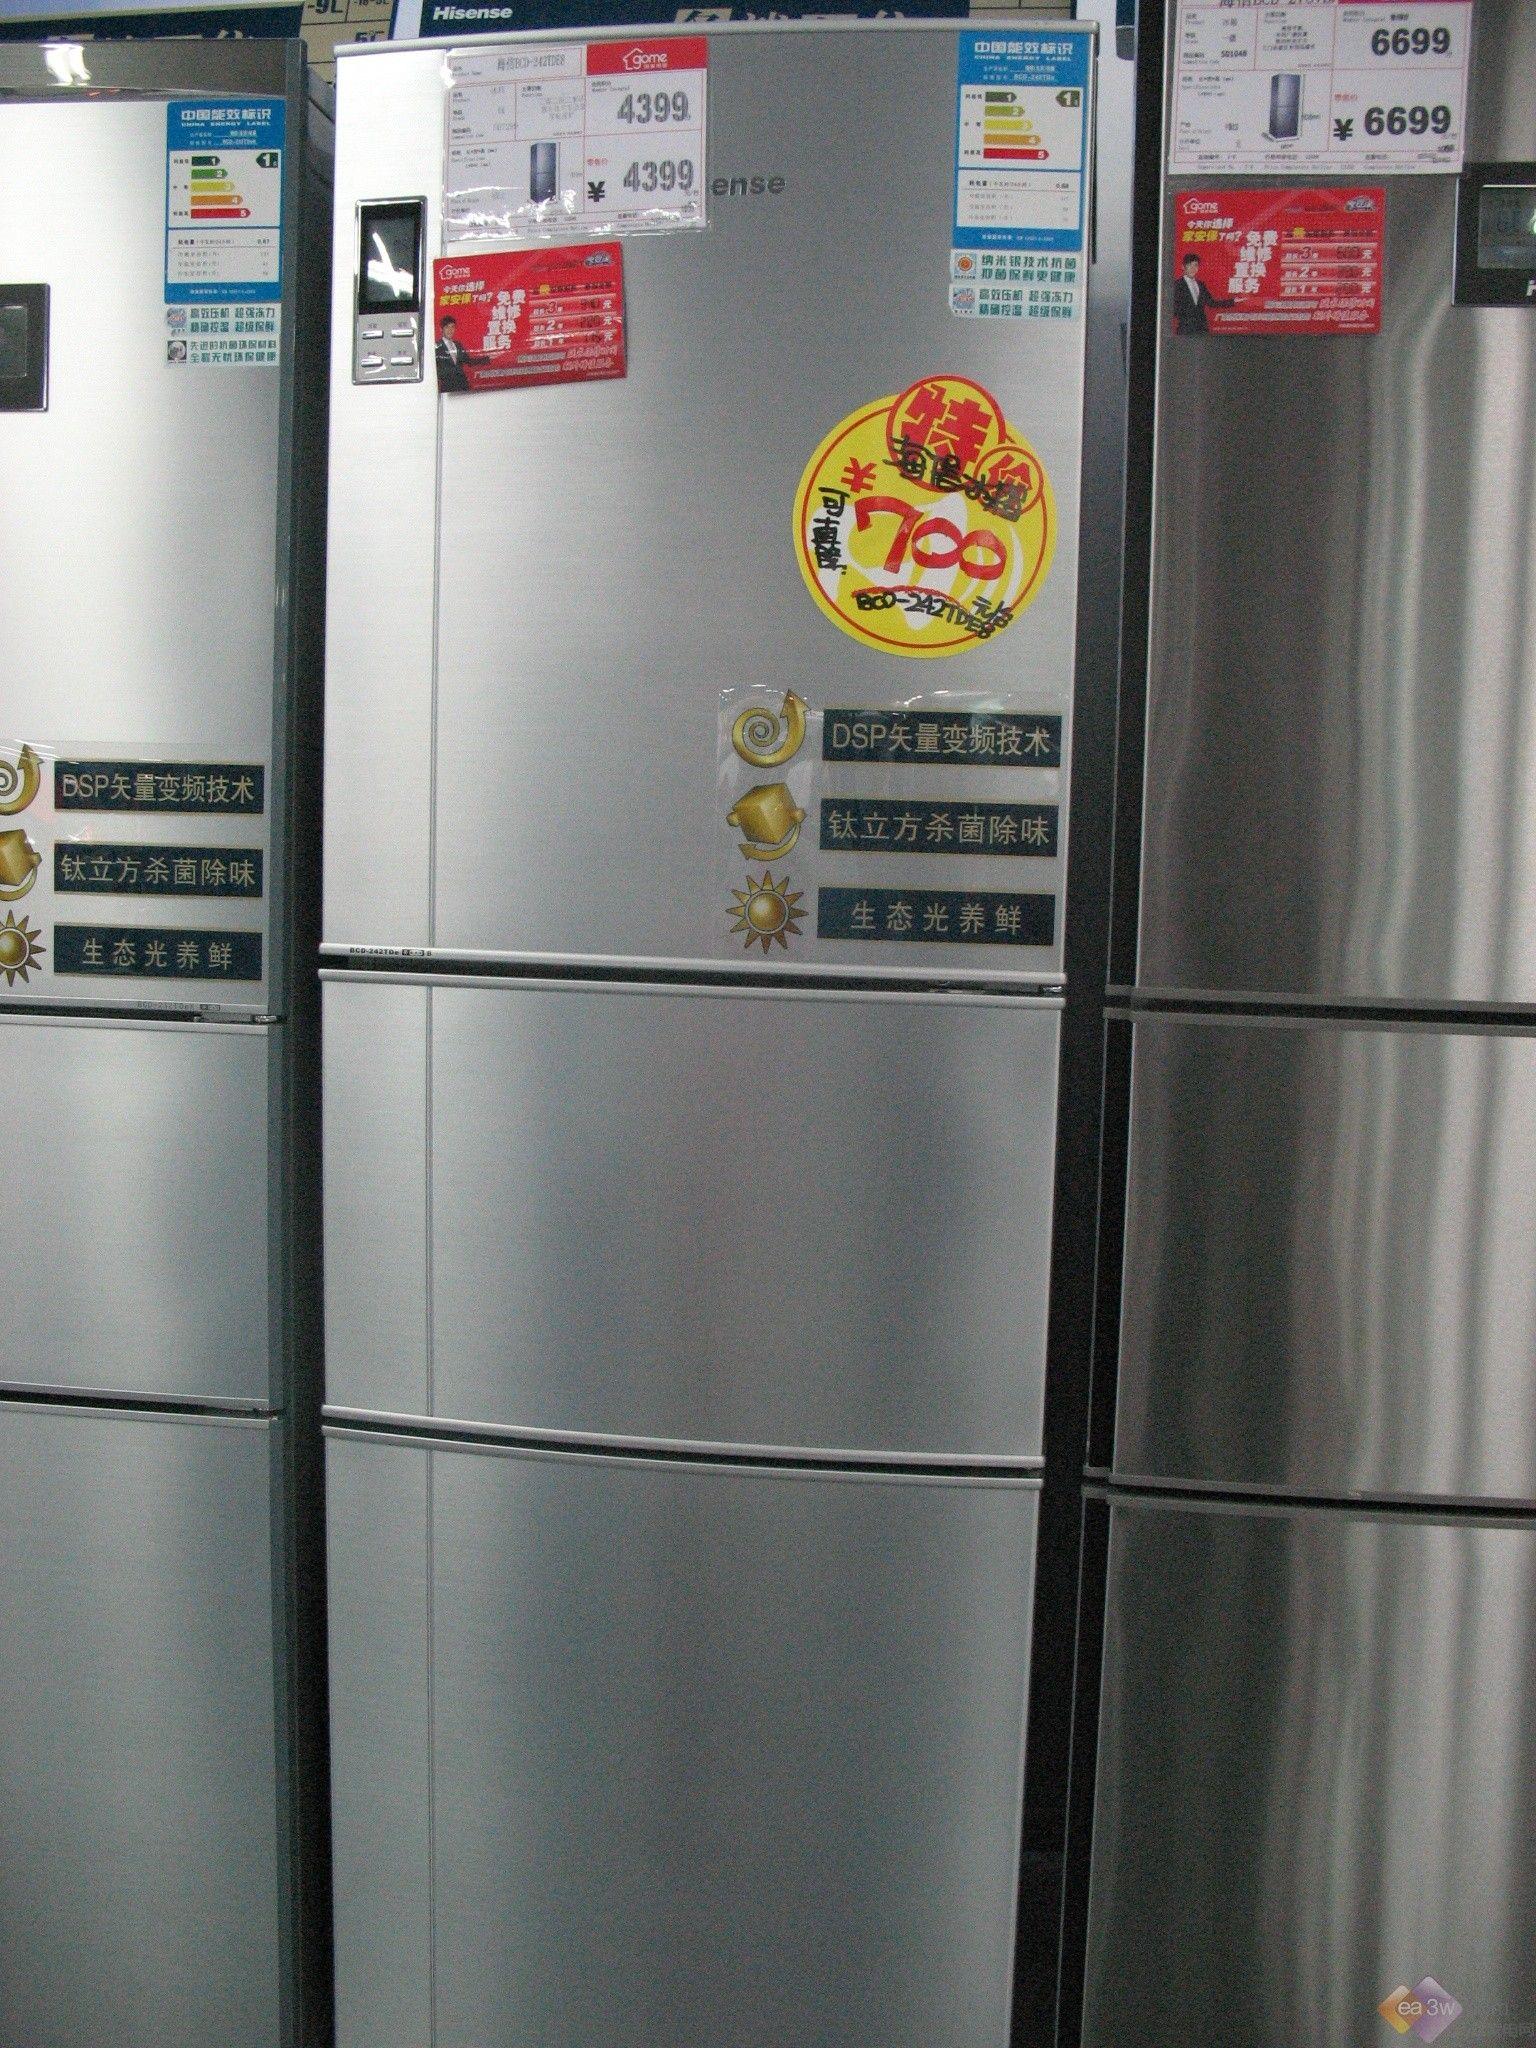 如今,金融危机横扫全球,所有人都缩减开支捂紧了钱袋子。可是冰箱作为日常生活中必不可少的家用电器,是万万少不得的。今天,小编就为大家推荐几款十一月的性价比之王,感兴趣的朋友一起来看看吧。  三星入门级两开门冰箱 外观上,这款三星BCD-198NKMS冰箱采用全白色的设计,简洁大方,且550*1533*619mm的体积也很好的解决了居住空间小的问题。另外,它冷藏室的容积为123L、冷冻室容积为75L,足够刚组建的两口之家使用。  三星BCD-198NKMS冰箱 功能上,虽然这款冰箱号称入门级产品,但是在